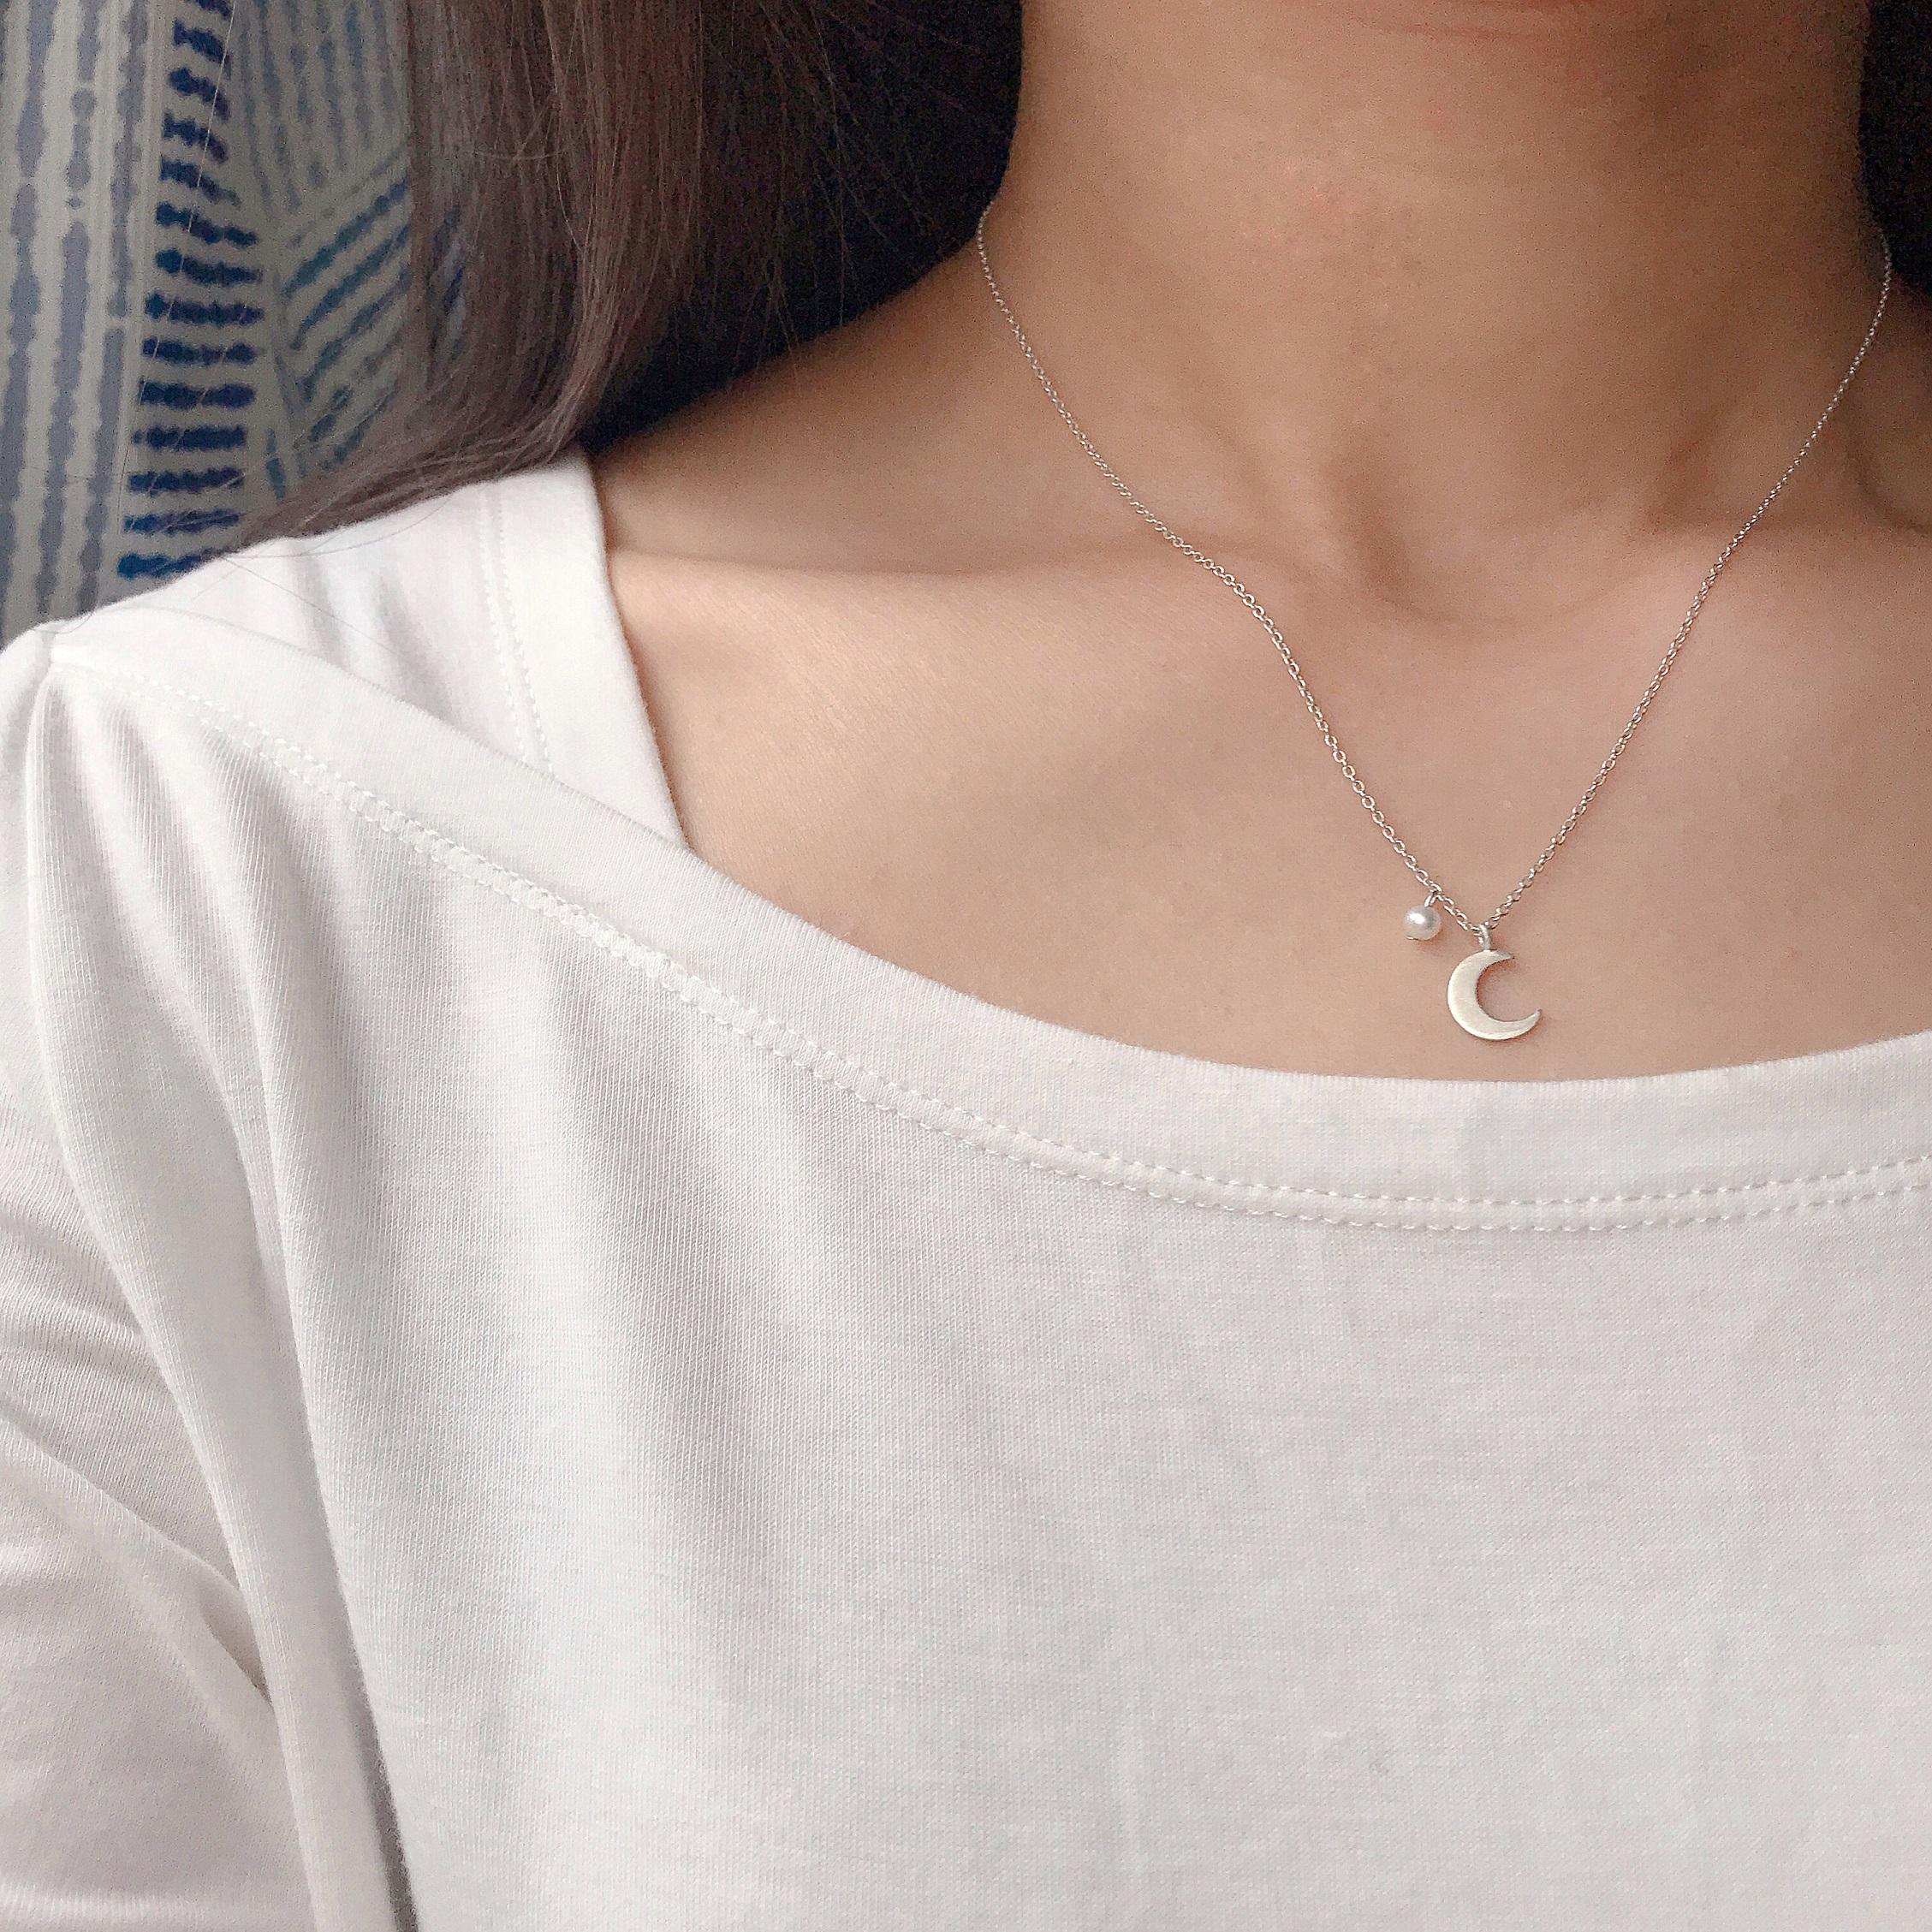 純銀珍珠項鍊 - 溫暖的月光